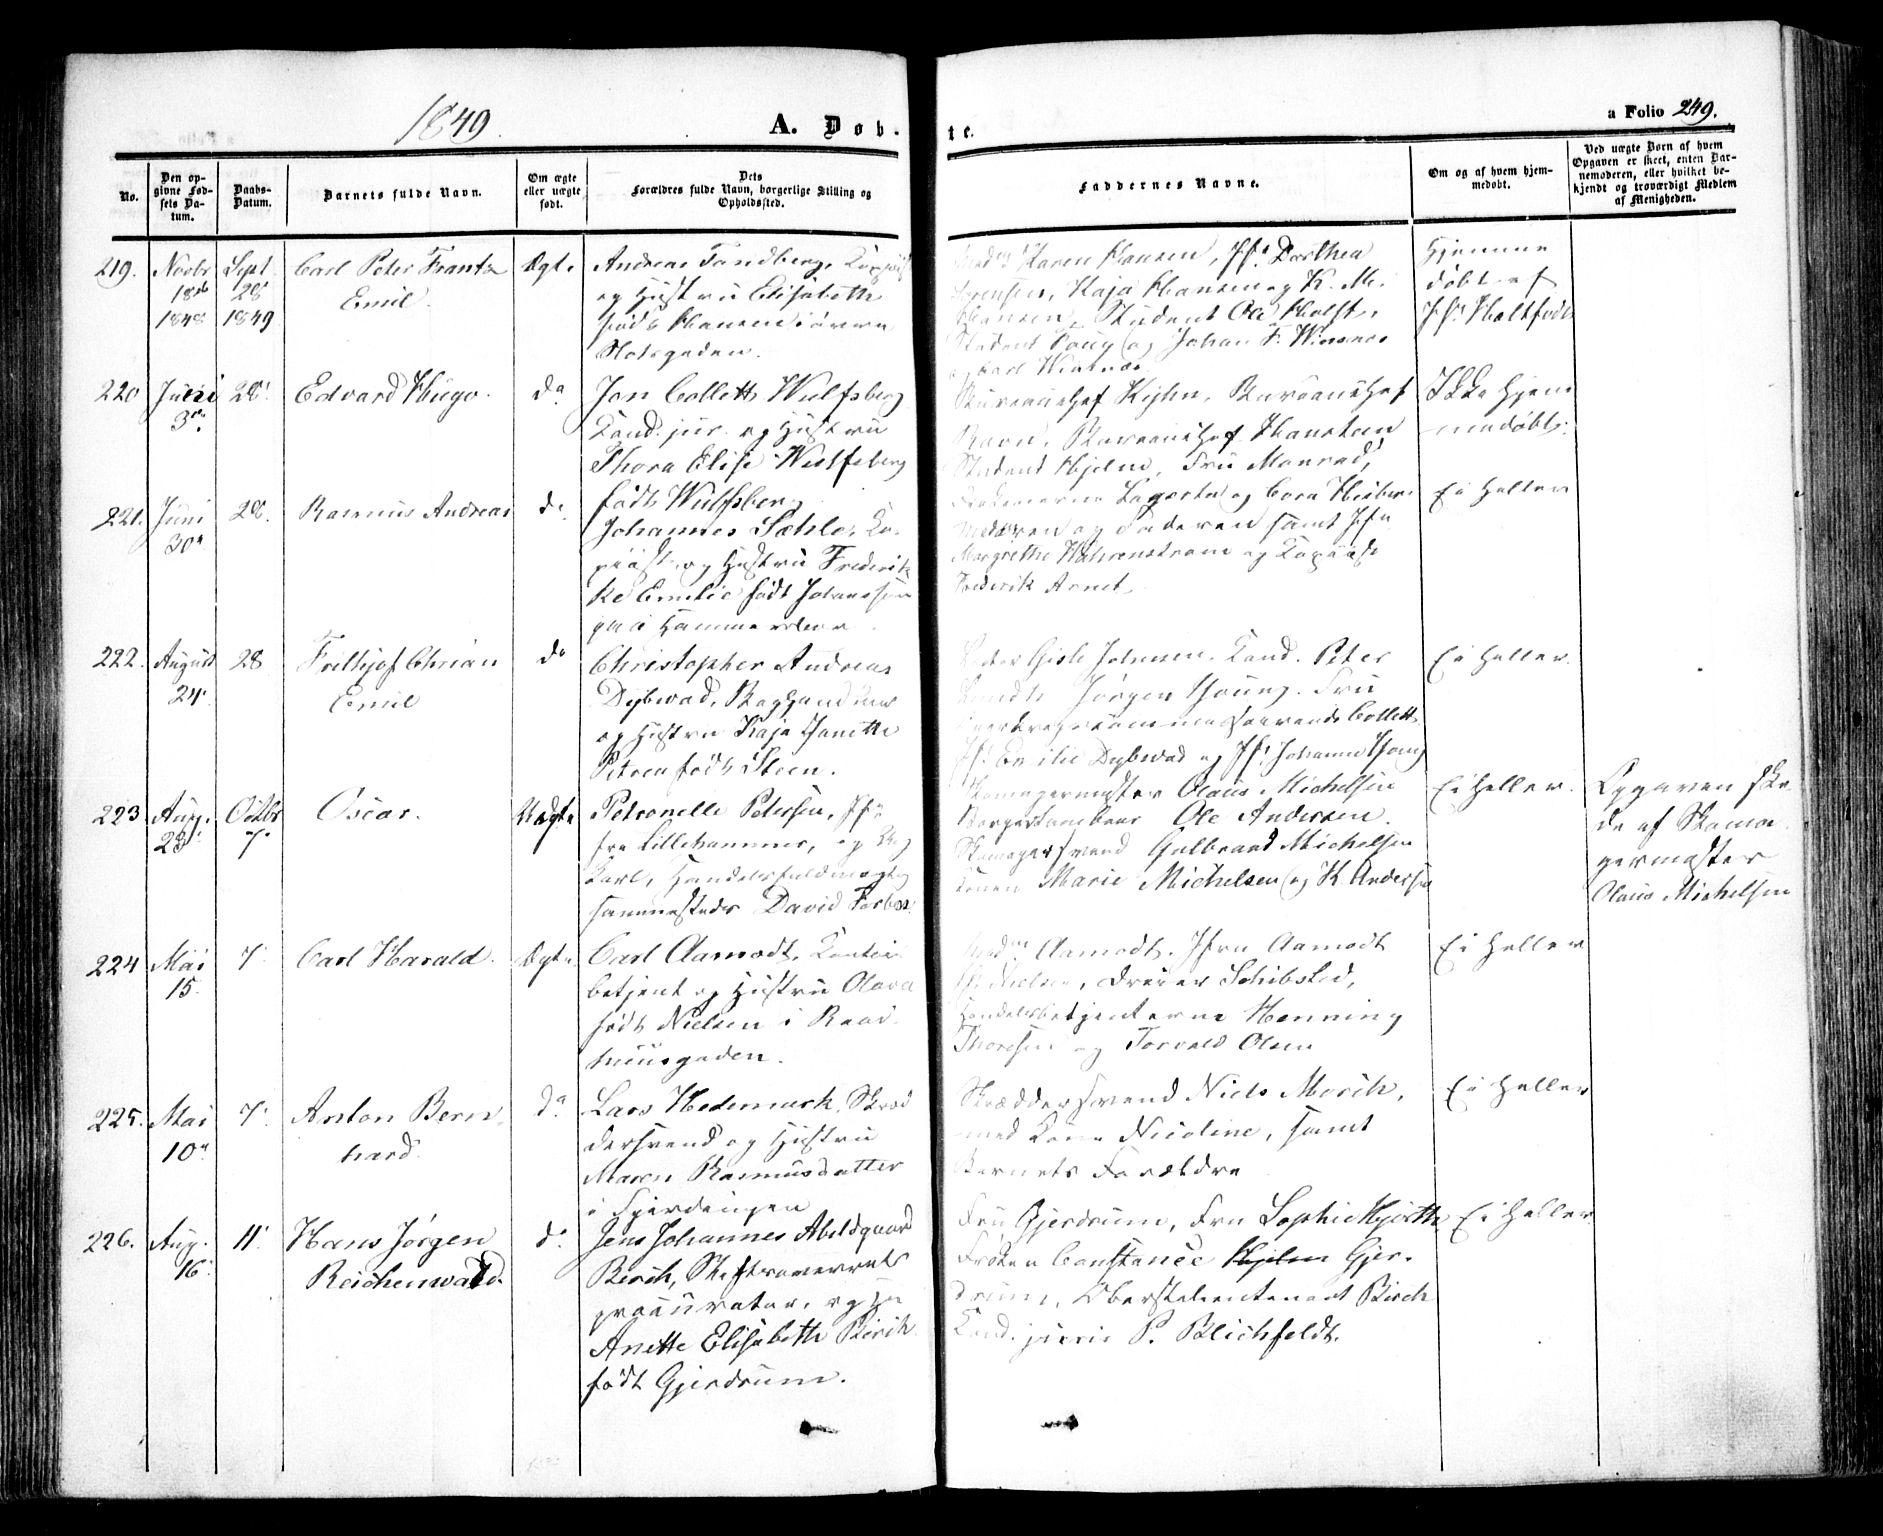 SAO, Oslo domkirke Kirkebøker, F/Fa/L0013: Ministerialbok nr. 13, 1844-1864, s. 249